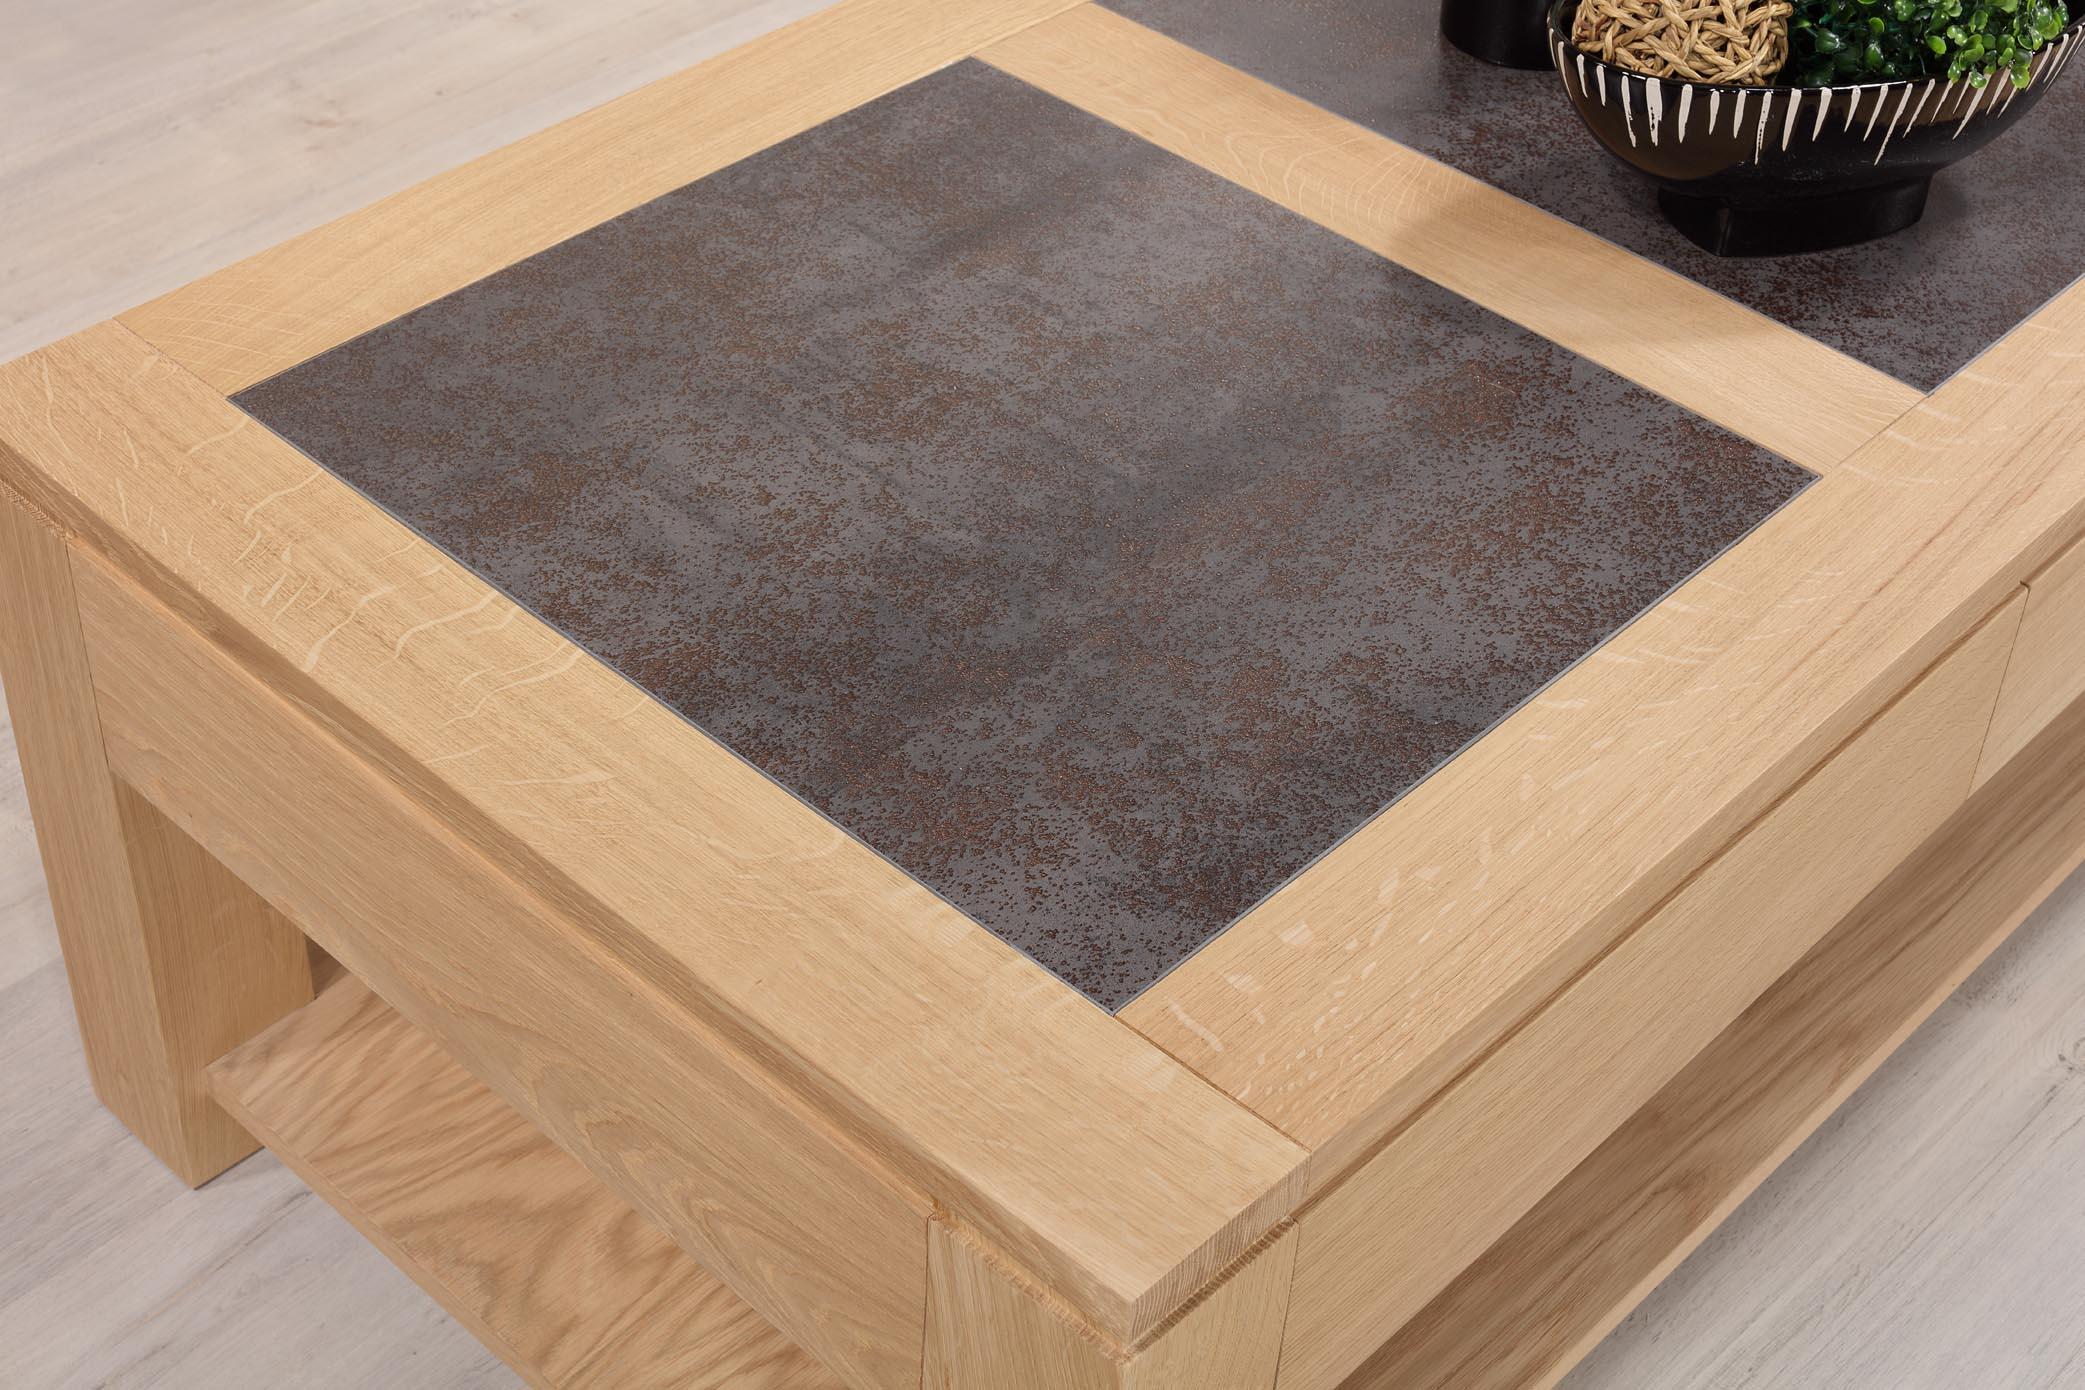 nouveaux styles 7695a 9575e Table basse plateau céramique en Chêne Massif Ligne ...